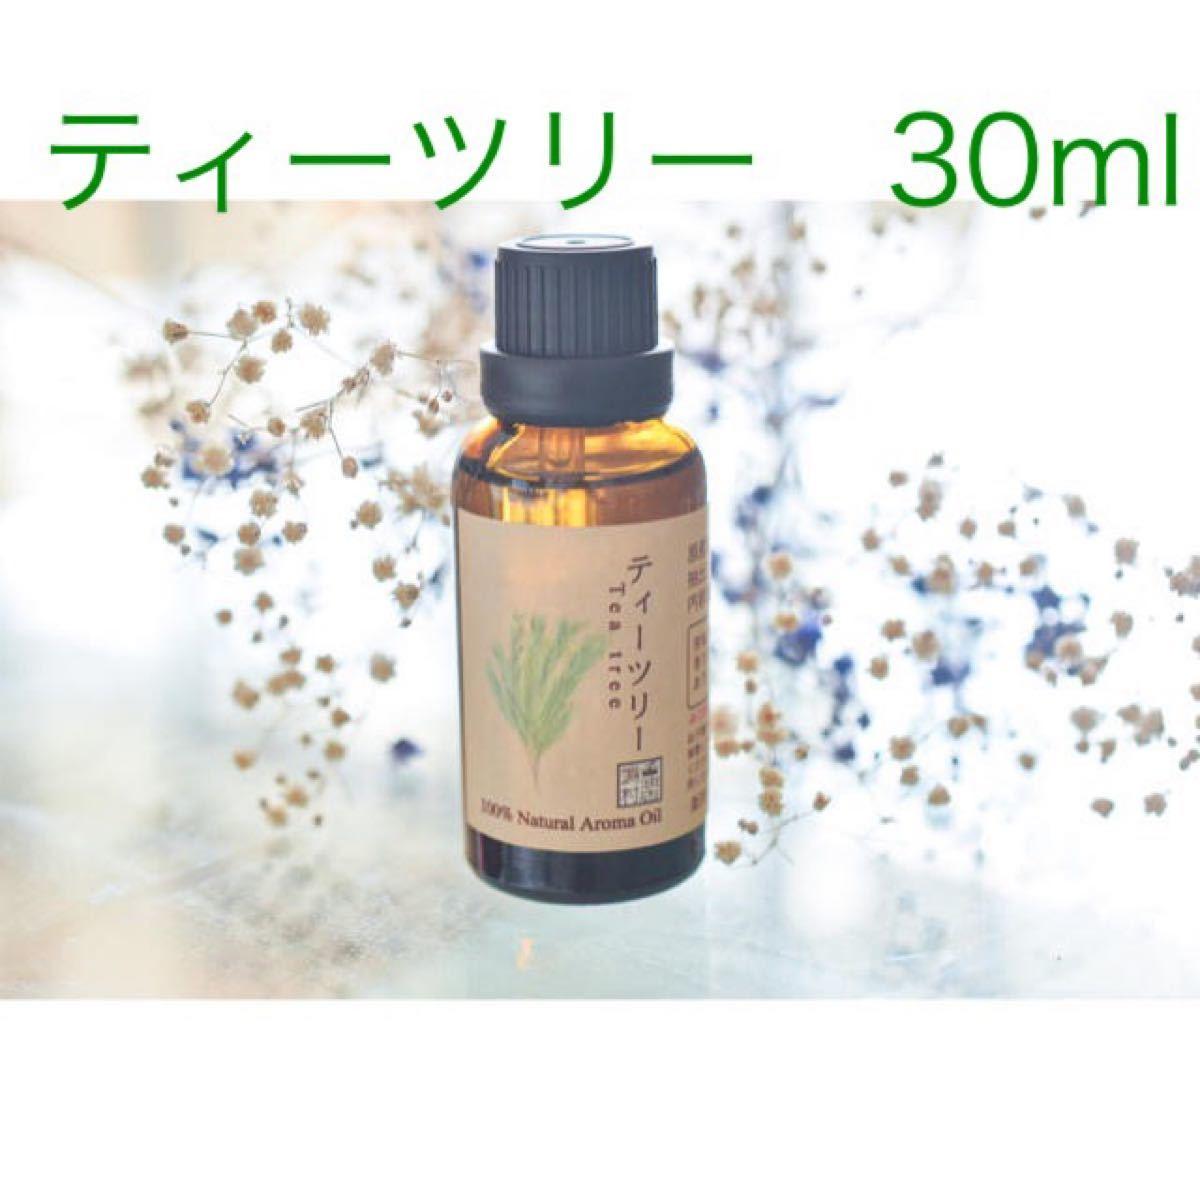 ティーツリー 30ml  アロマ用精油 エッセンシャルオイル